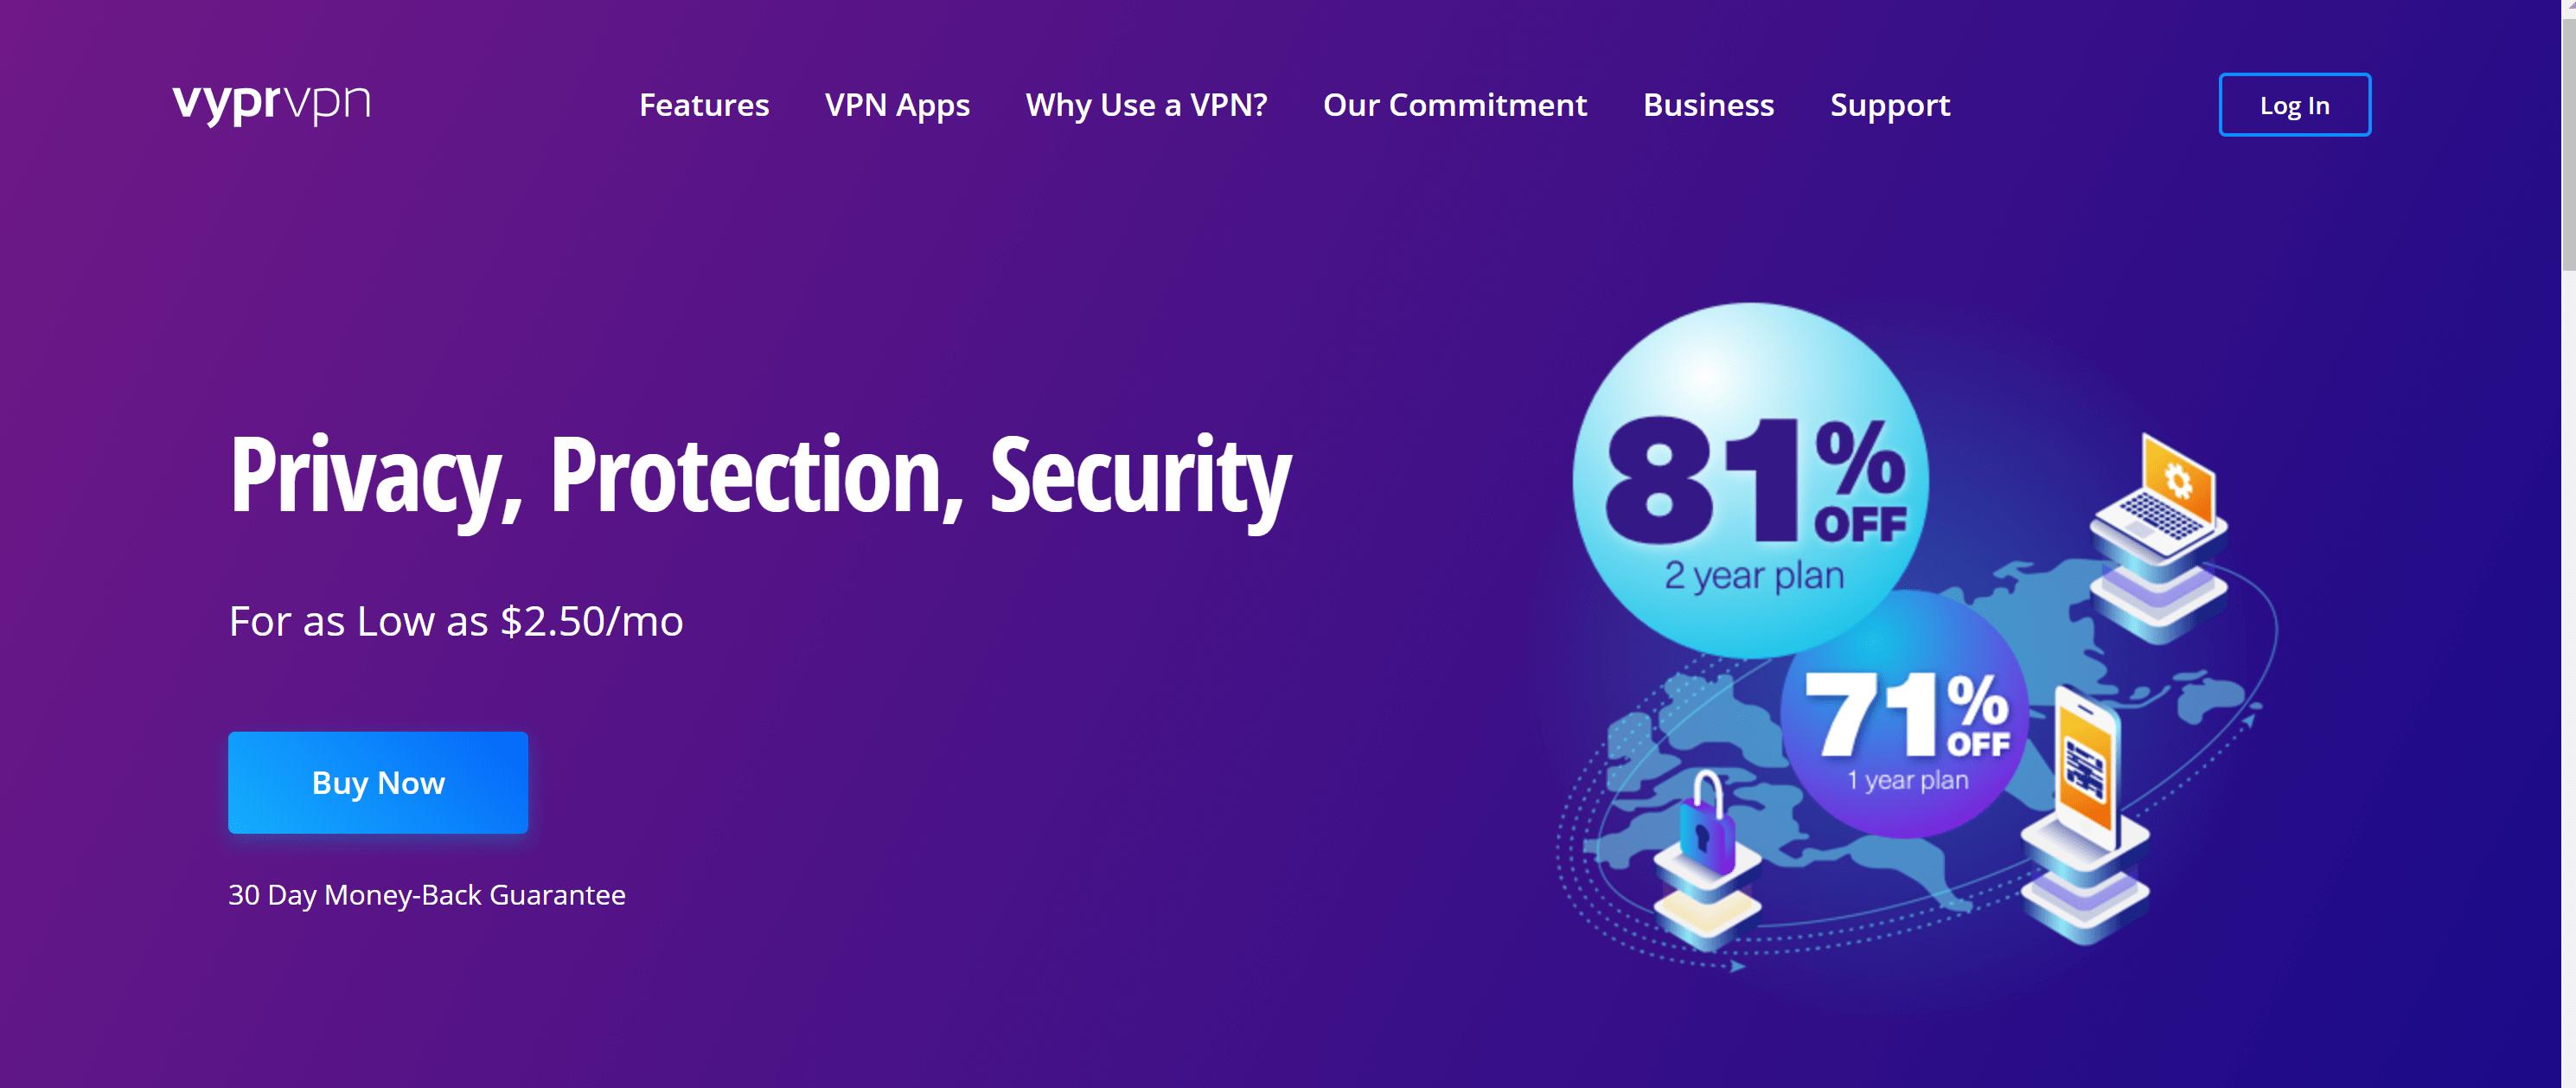 VYPR VPN discount